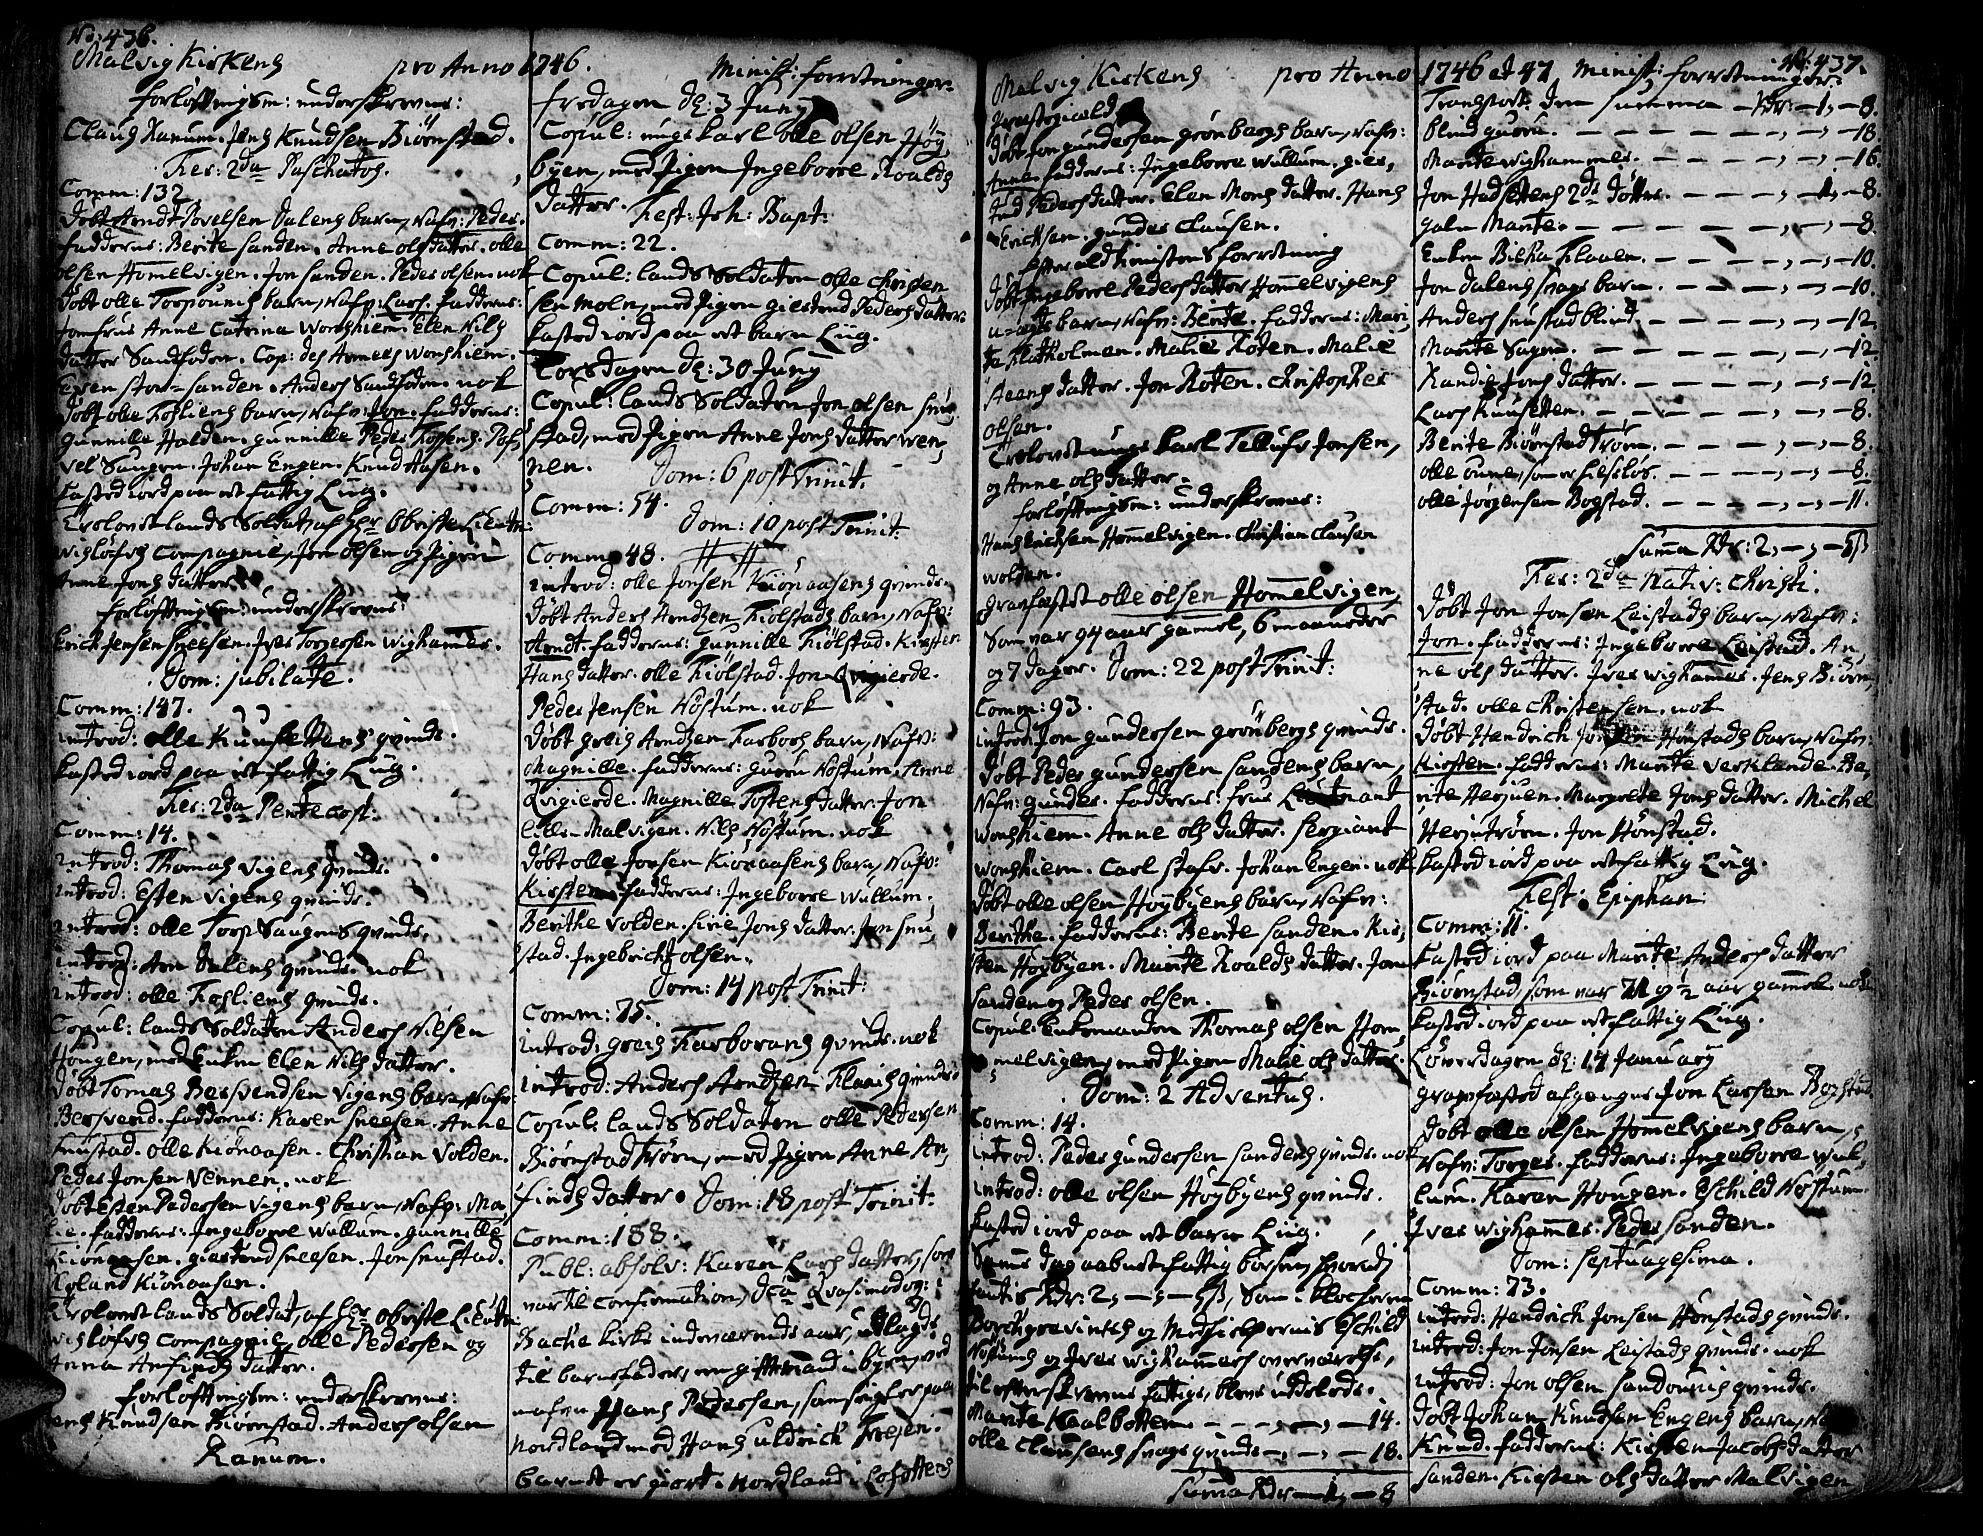 SAT, Ministerialprotokoller, klokkerbøker og fødselsregistre - Sør-Trøndelag, 606/L0277: Ministerialbok nr. 606A01 /3, 1727-1780, s. 436-437